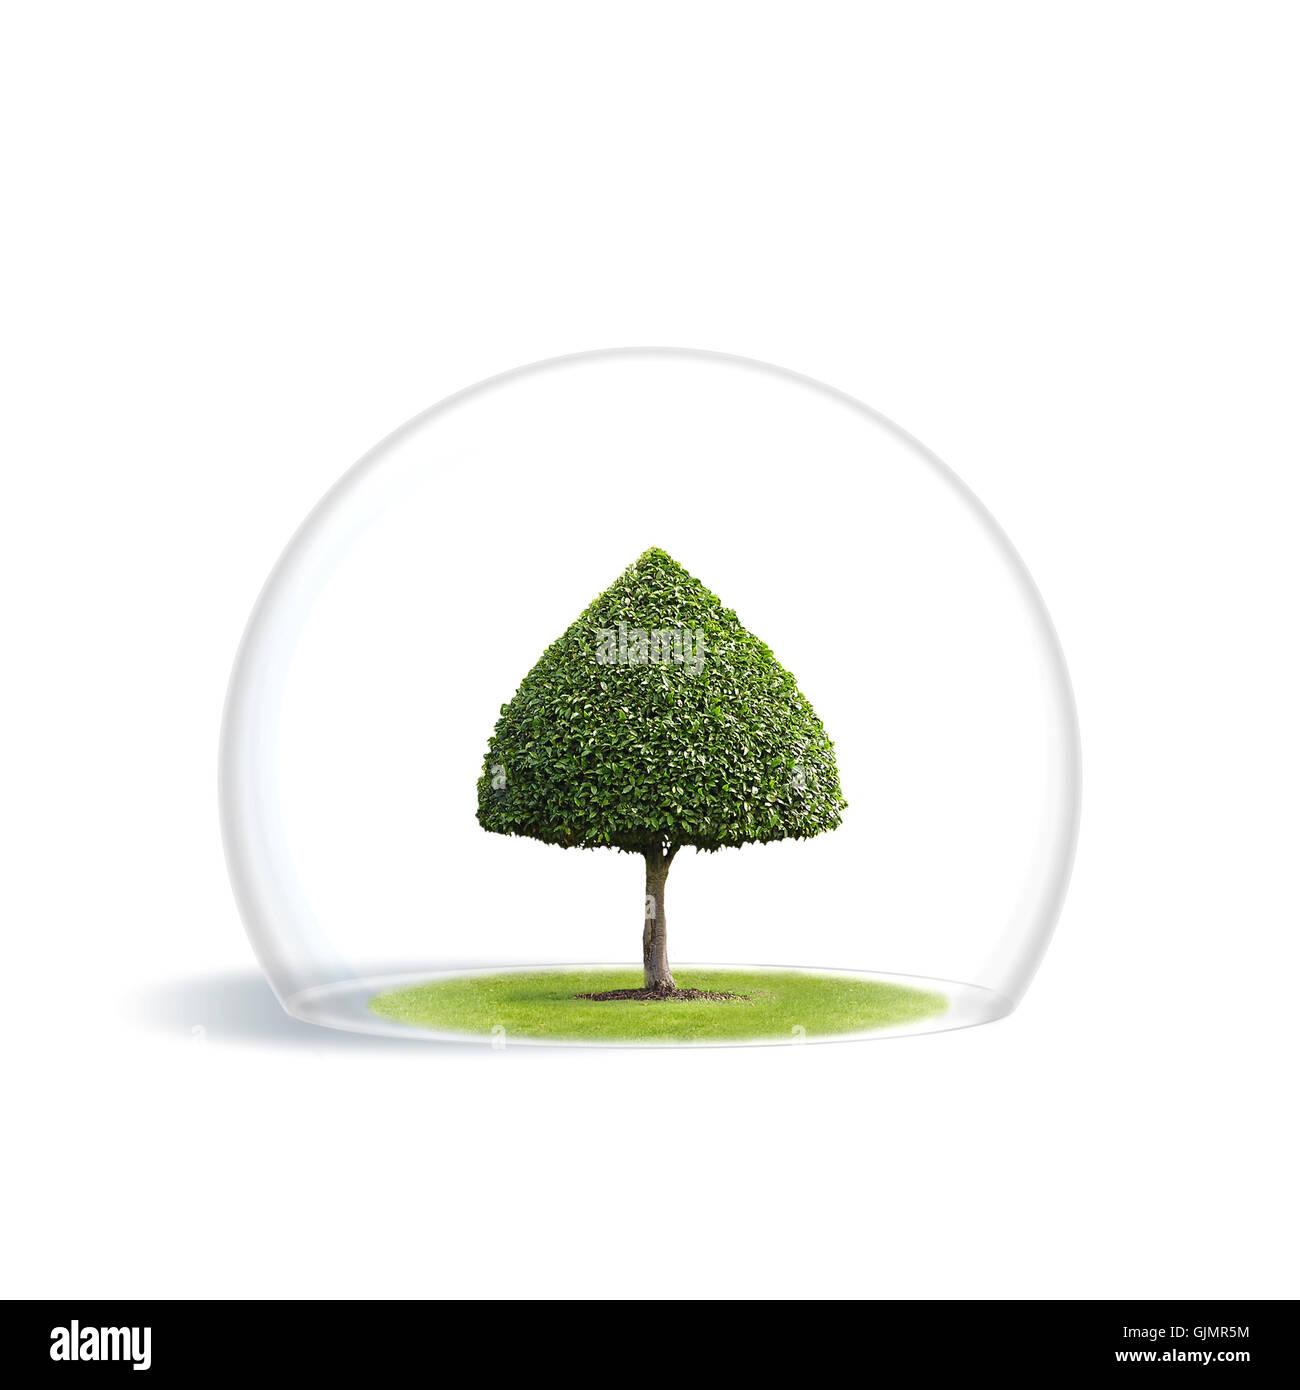 tree ecology world protection - Stock Image